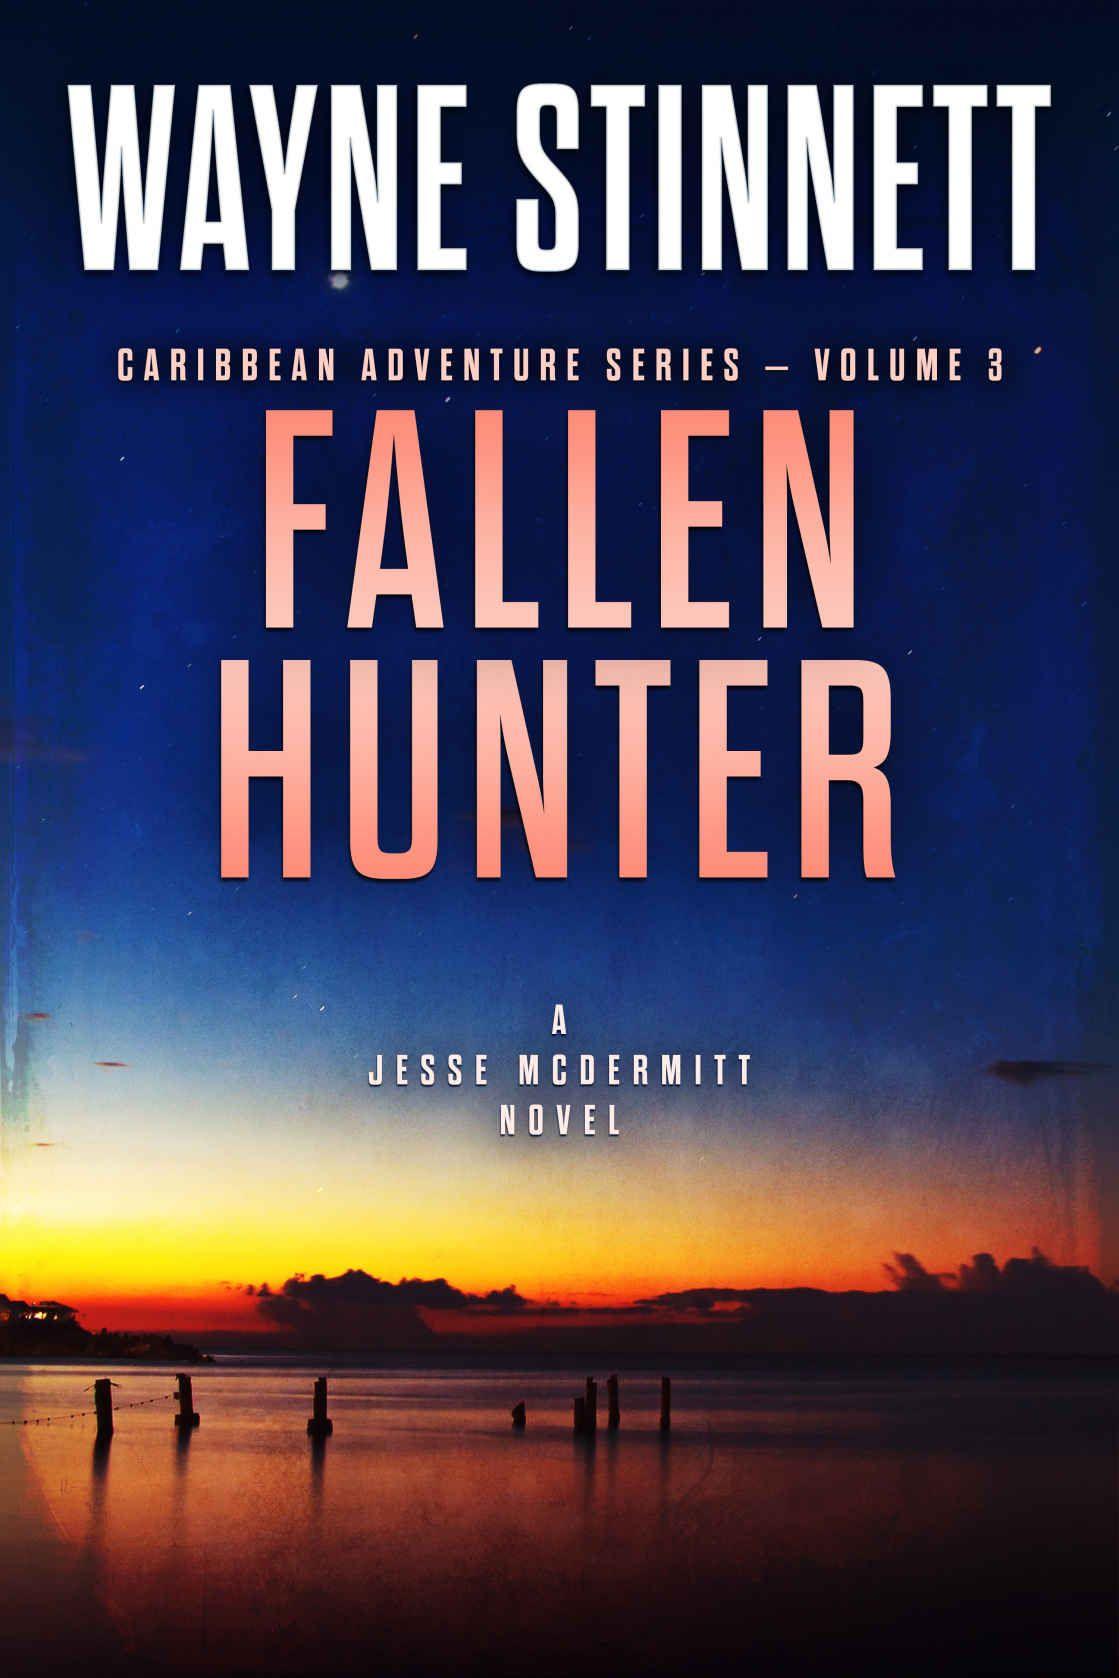 Fallen hunter a jesse mcdermitt novel caribbean